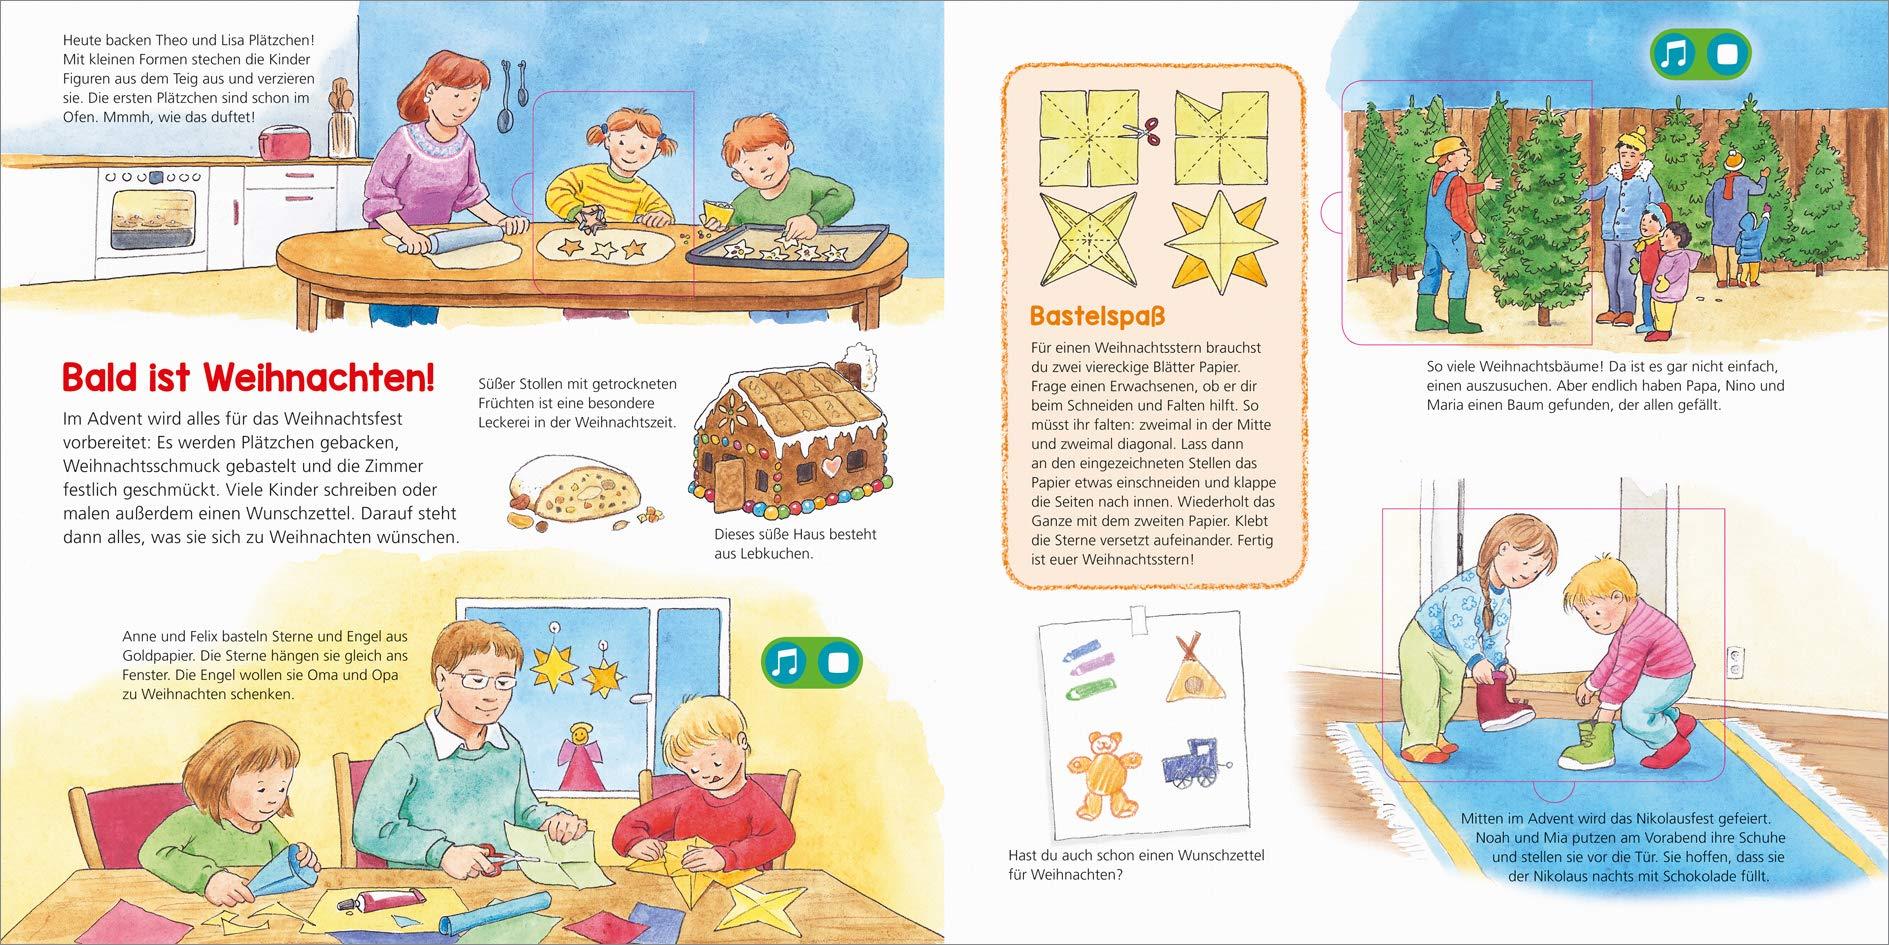 Weihnachtsbasteln Sterne Aus Goldpapier.Was Ist Was Kindergarten Frohe Weihnachten 9783788676407 Amazon